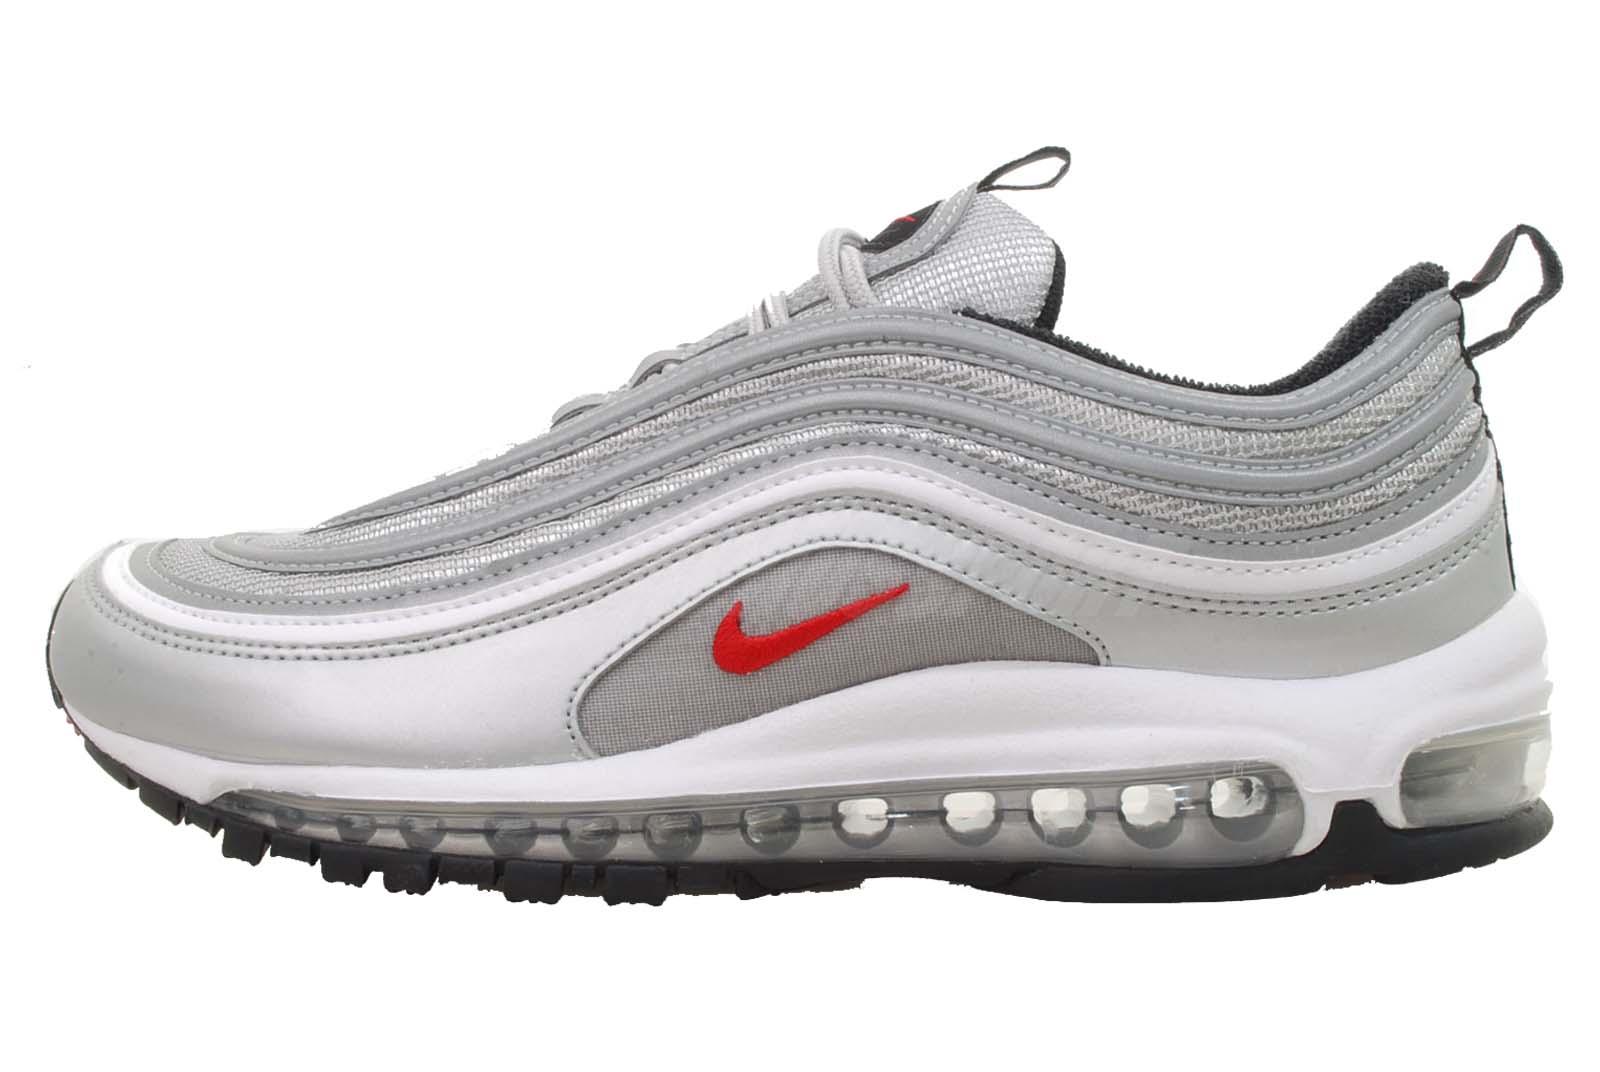 Nike Shoes Huge Sale | OIS Group